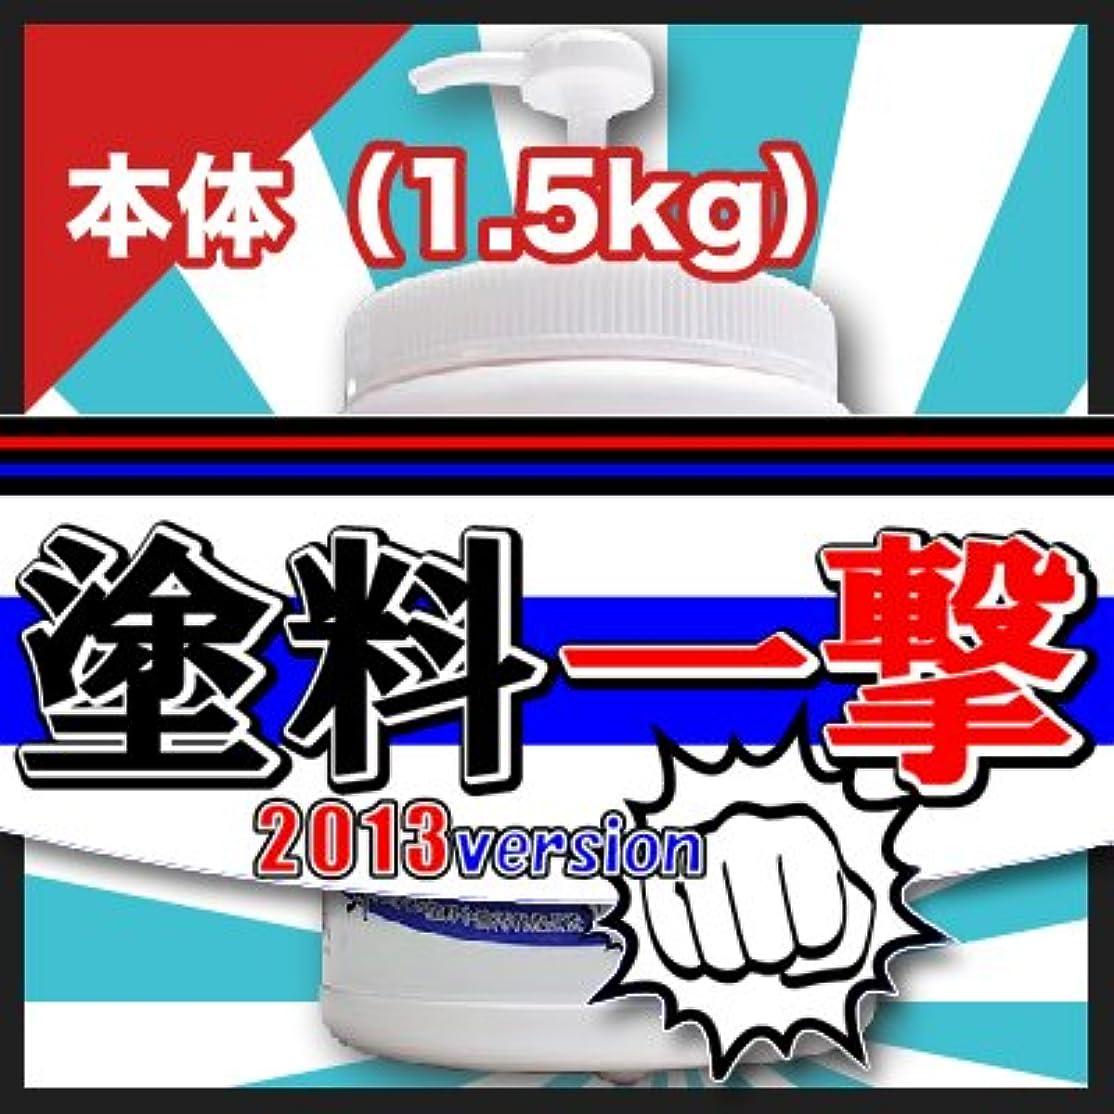 プロフィール襟逮捕D.Iプランニング 塗料一撃 2013 Version 本体 (1.5kg)